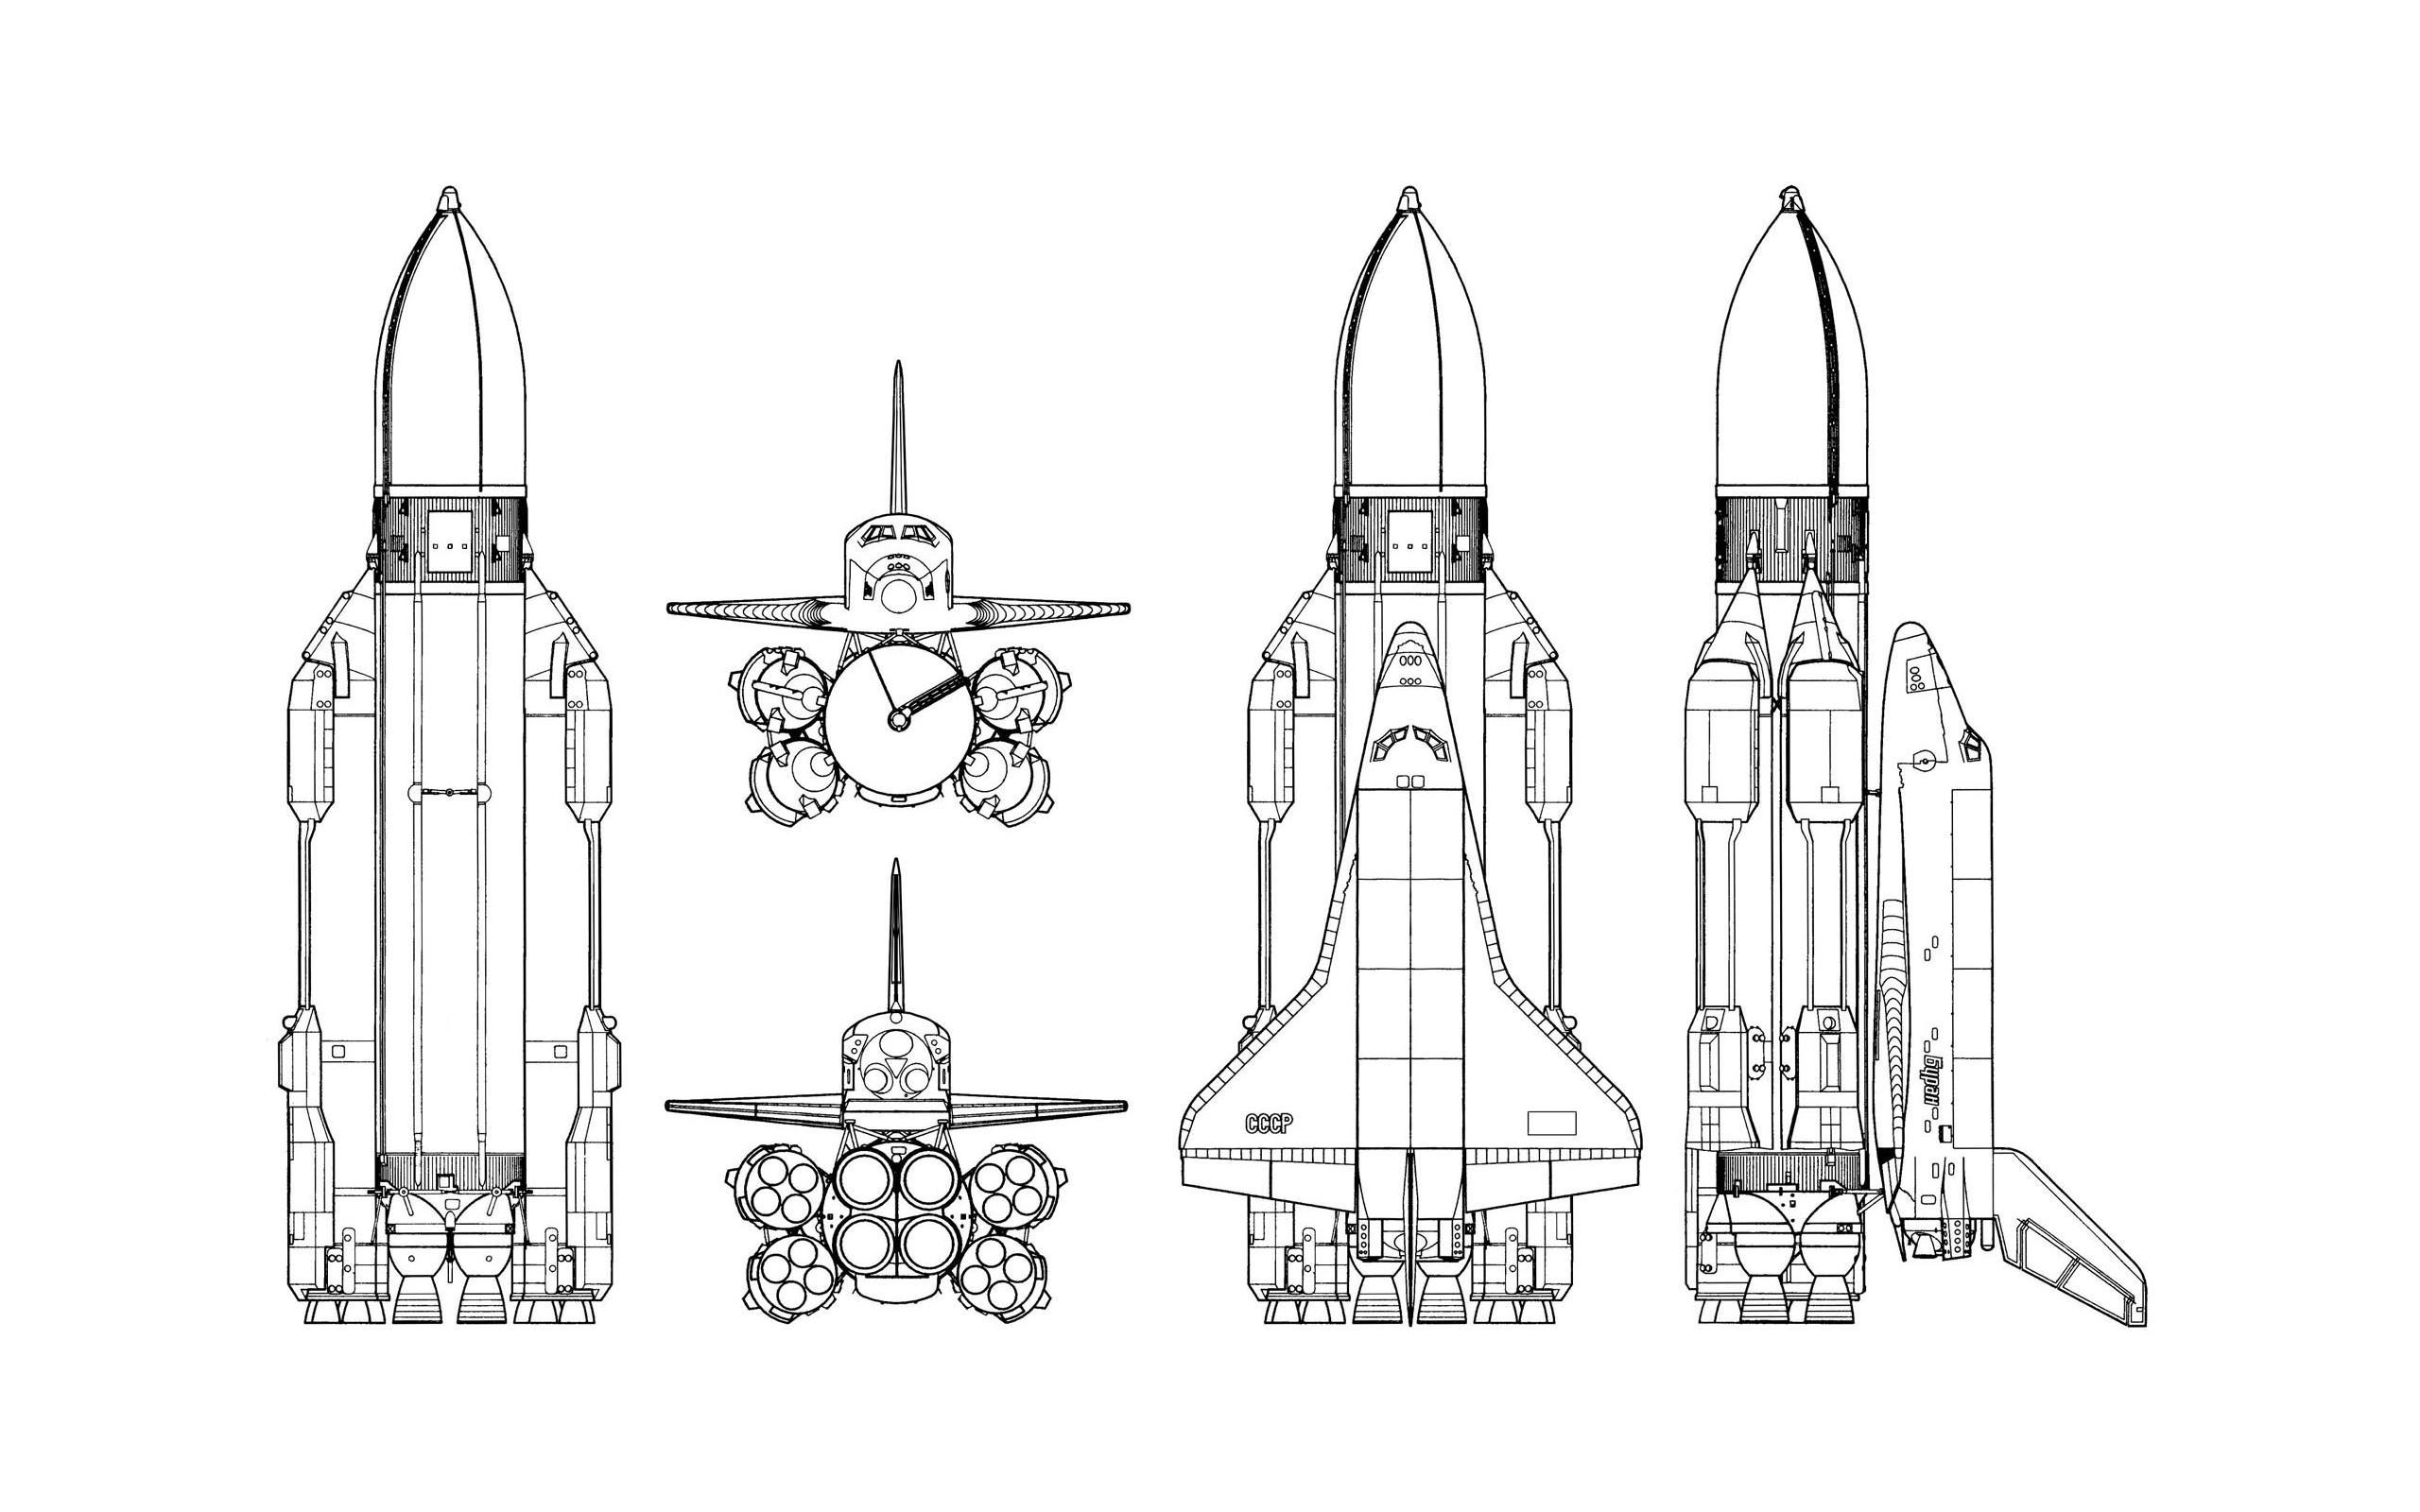 baggrunde   tegning  illustration  enkel baggrund  raket